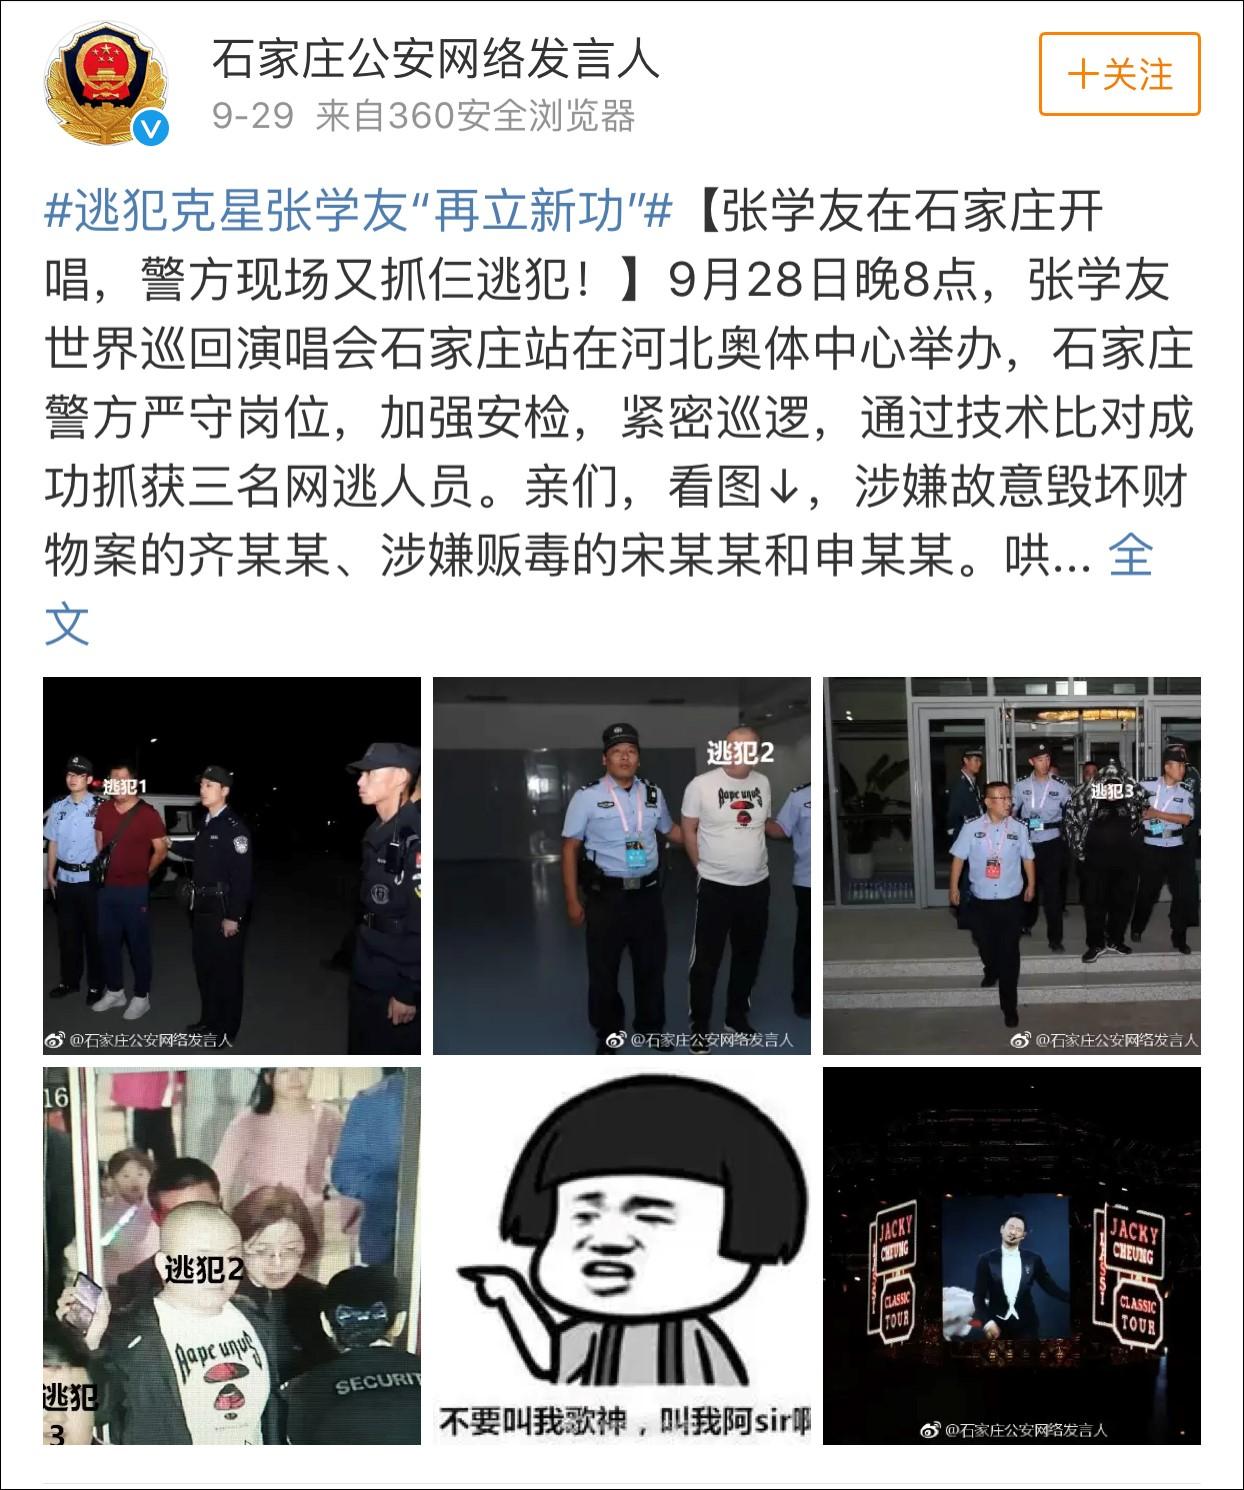 张学友演唱会成抓逃神地 60多名逃犯落网 人脸识别多次立功的照片 - 8